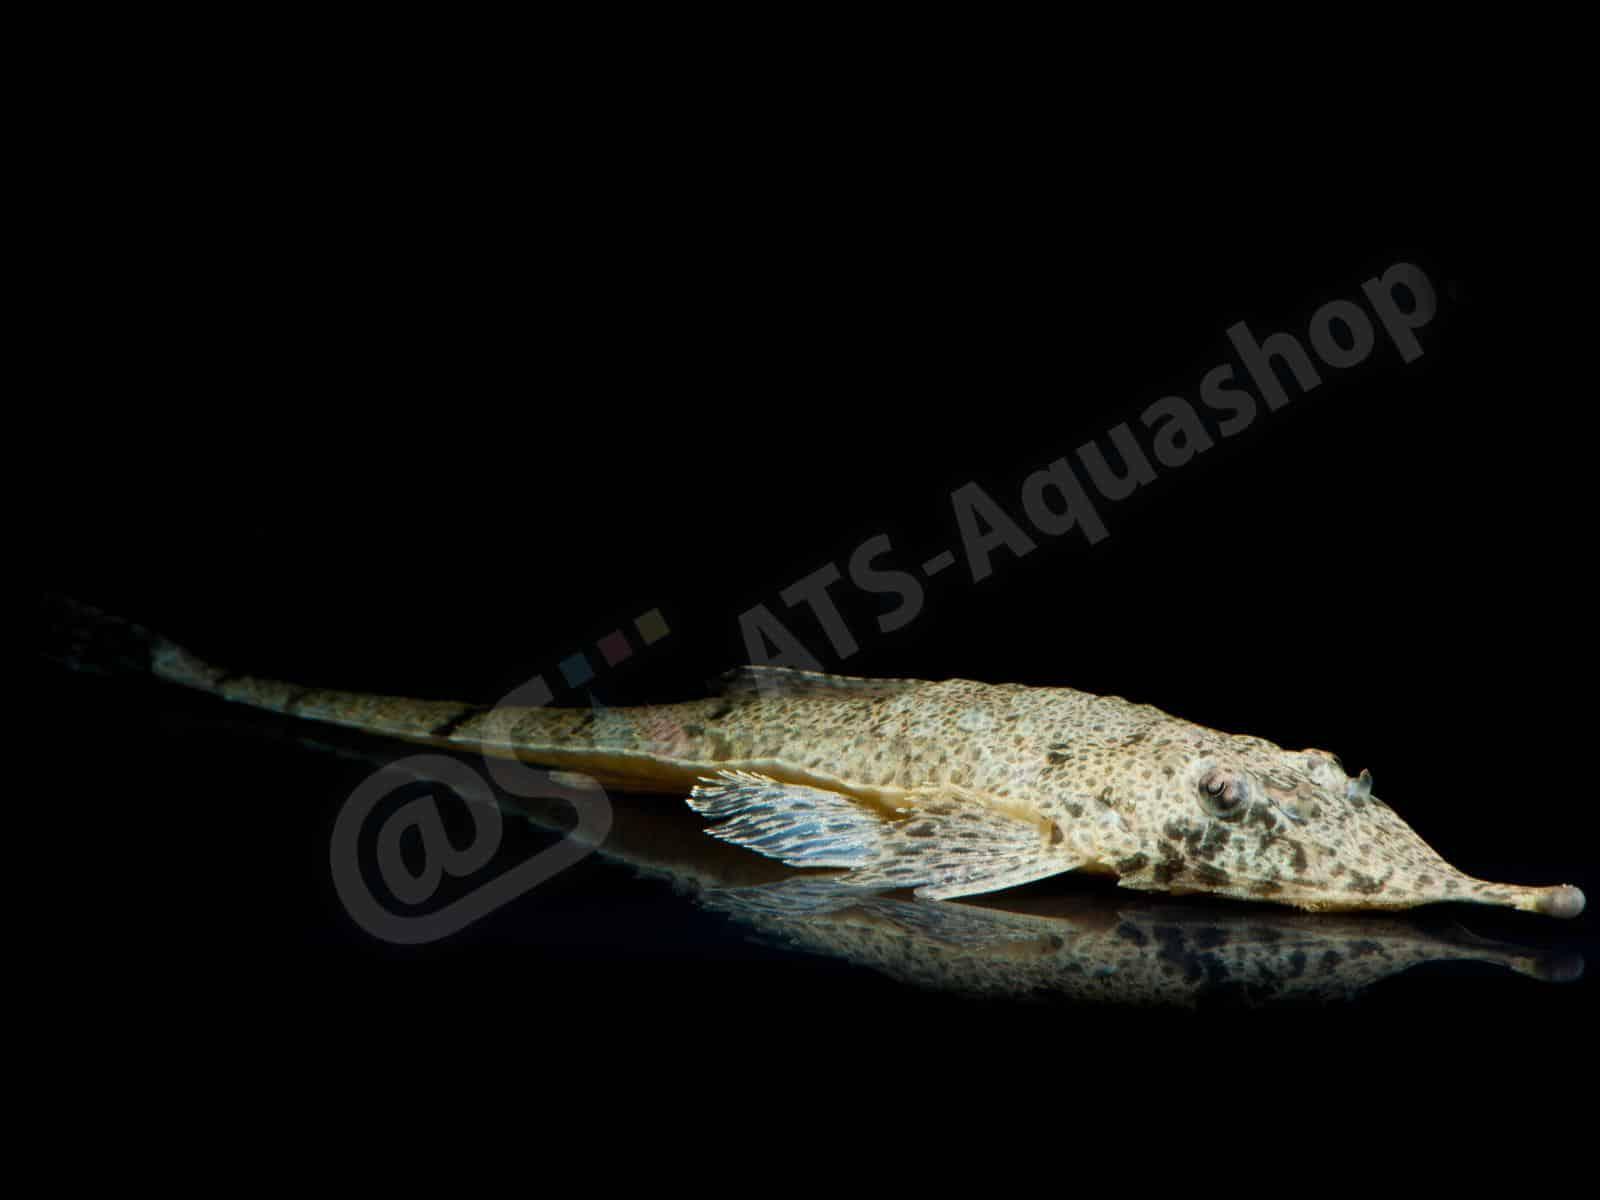 hemiodontichthys acipenserinus enrico richter 0298 6